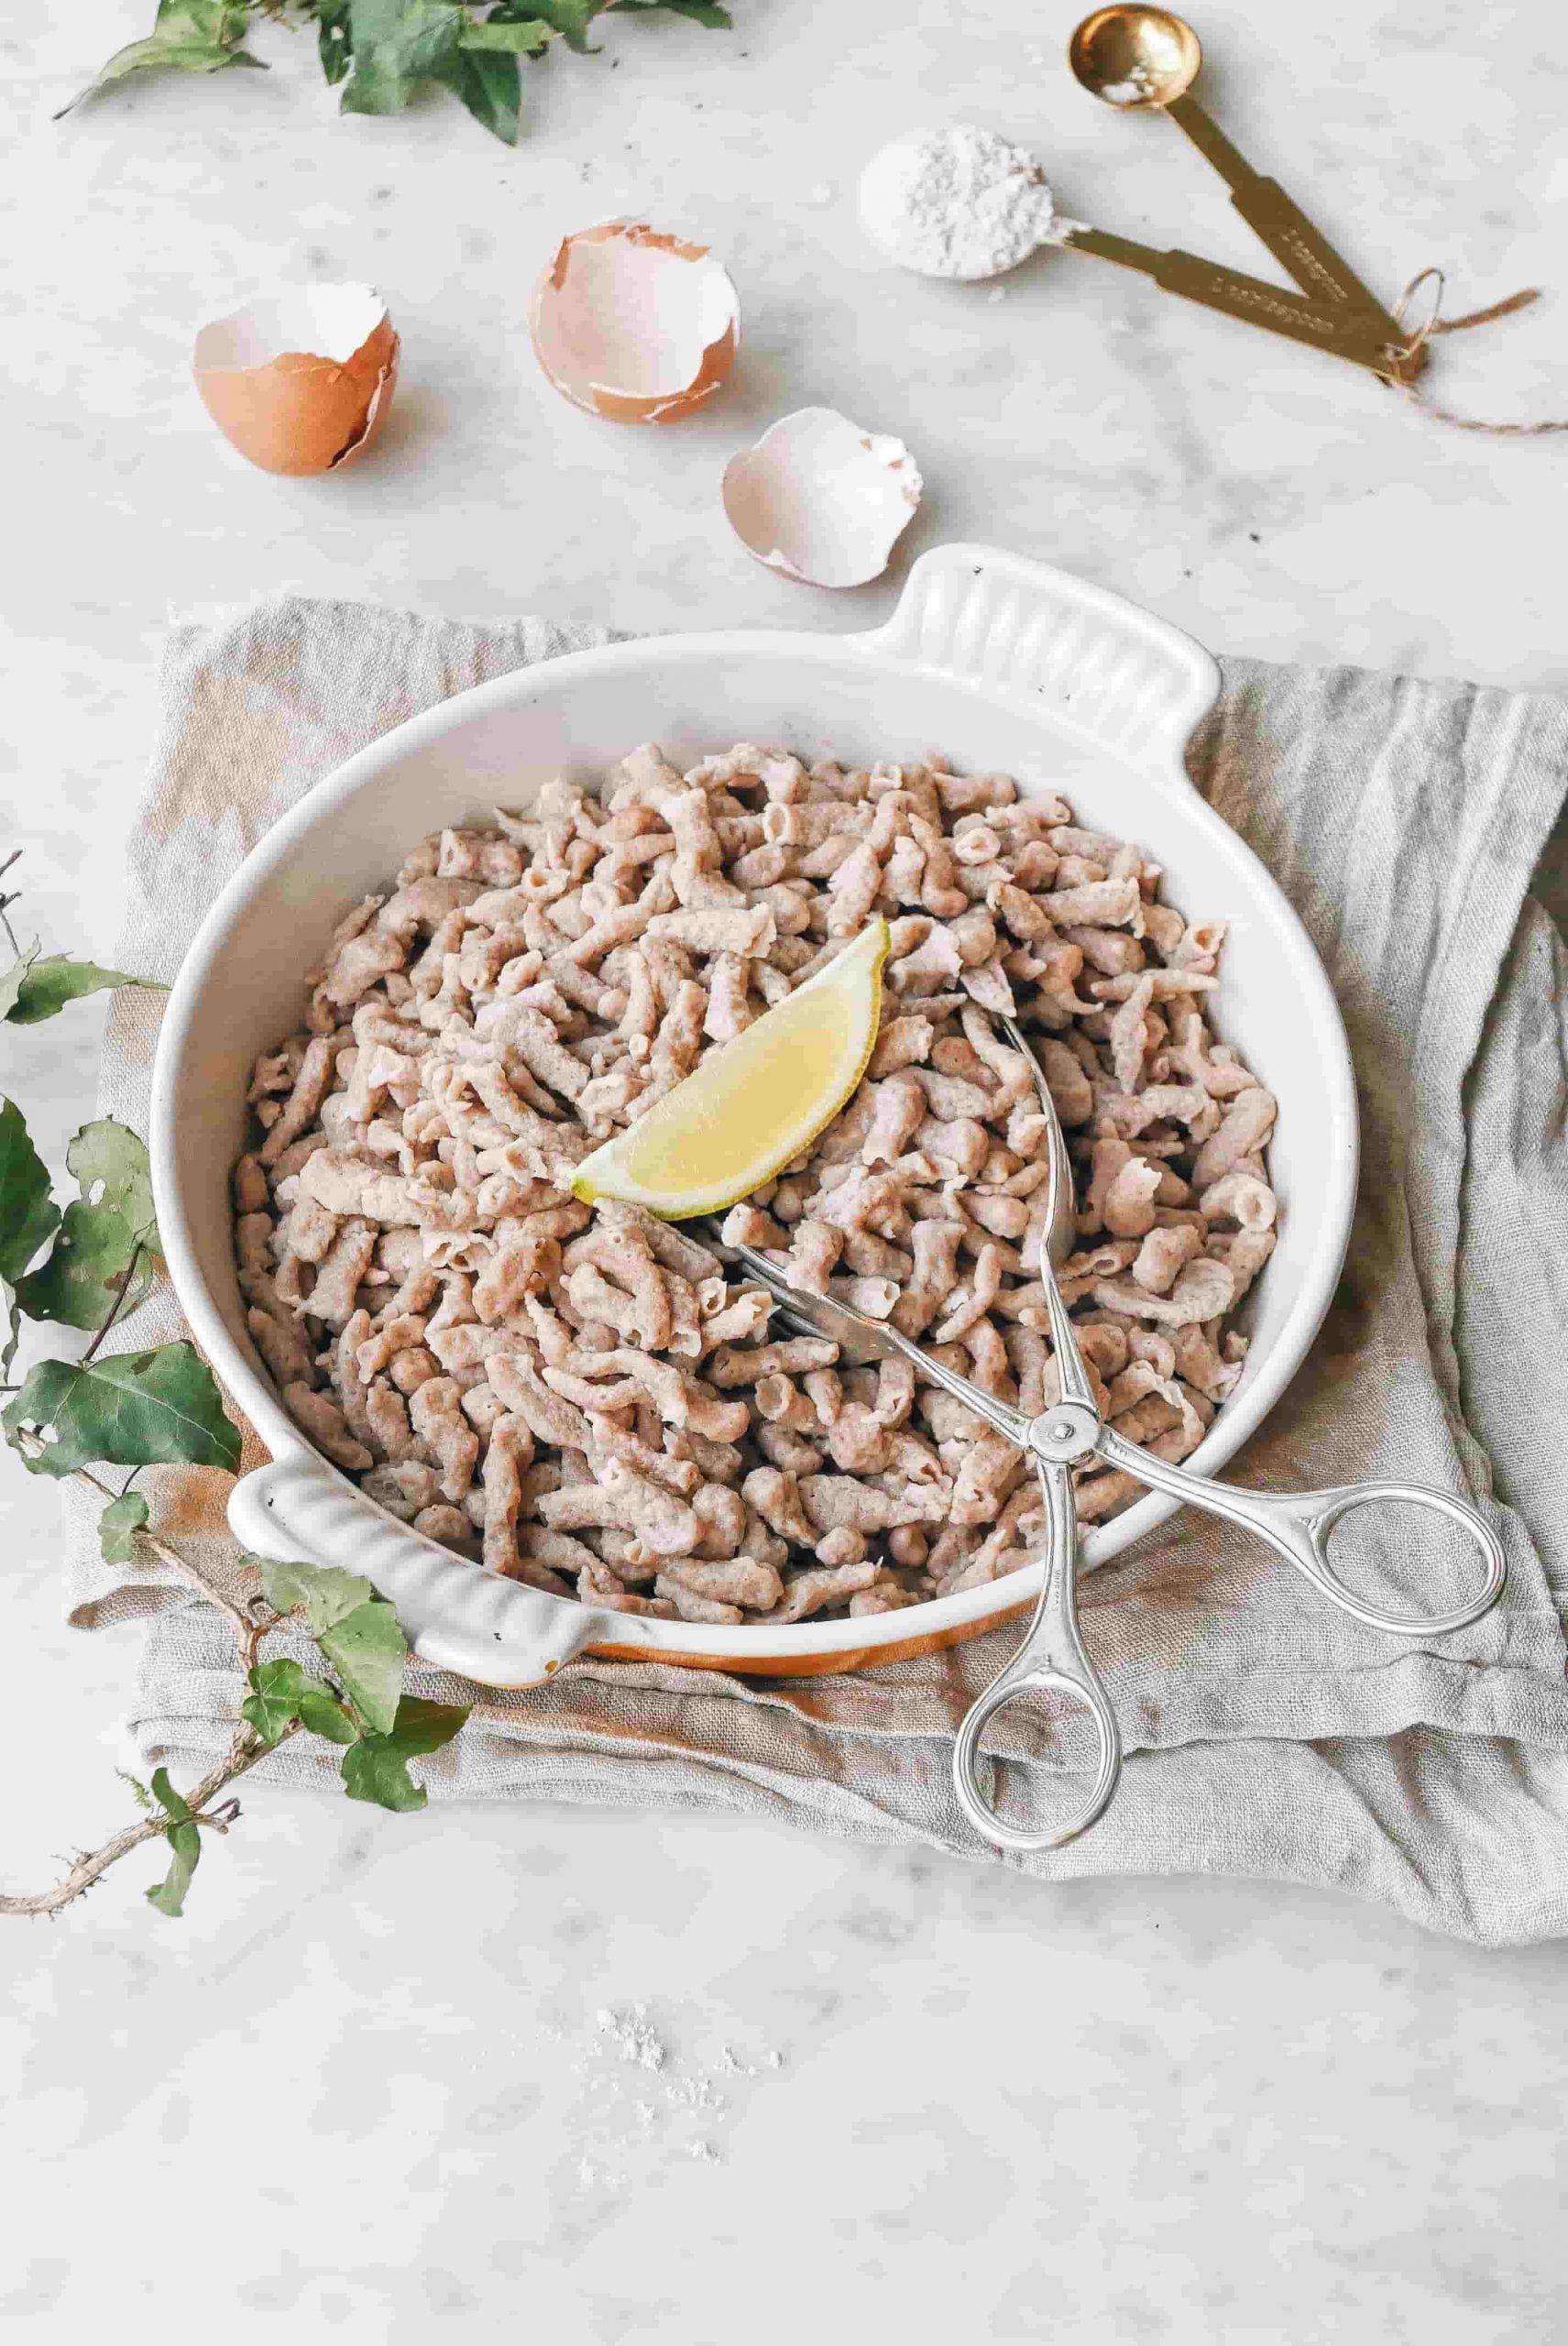 Meilleure recette de Spätlze nutritionniste cheffe privée Anouck Grau